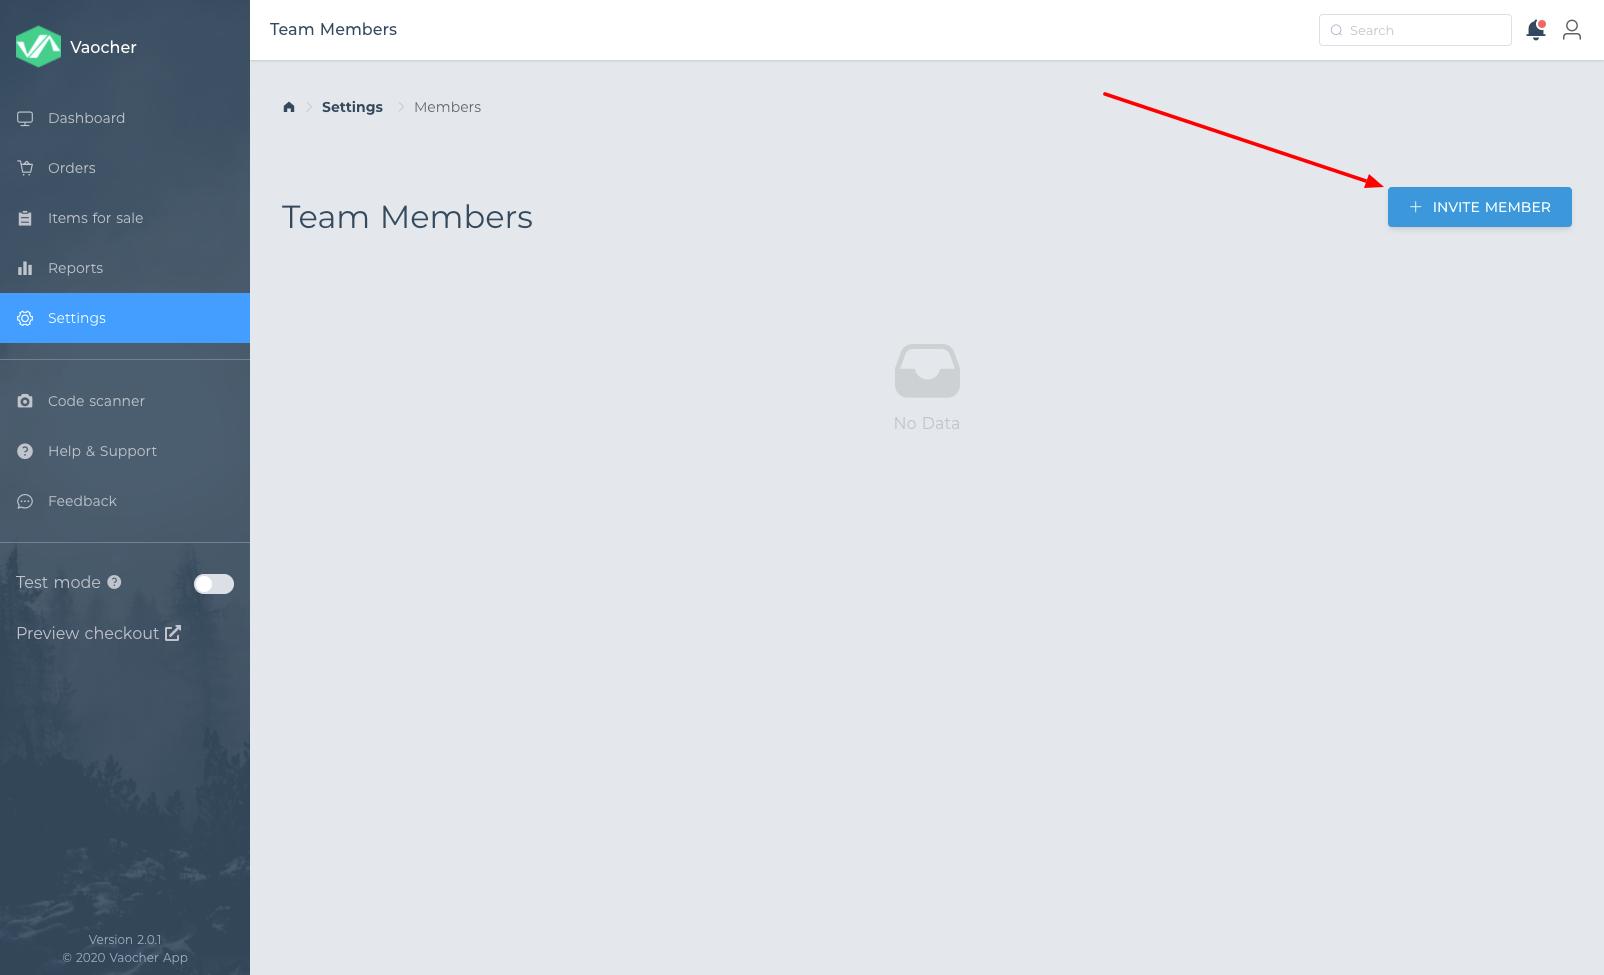 How to invite team member in VaocherApp